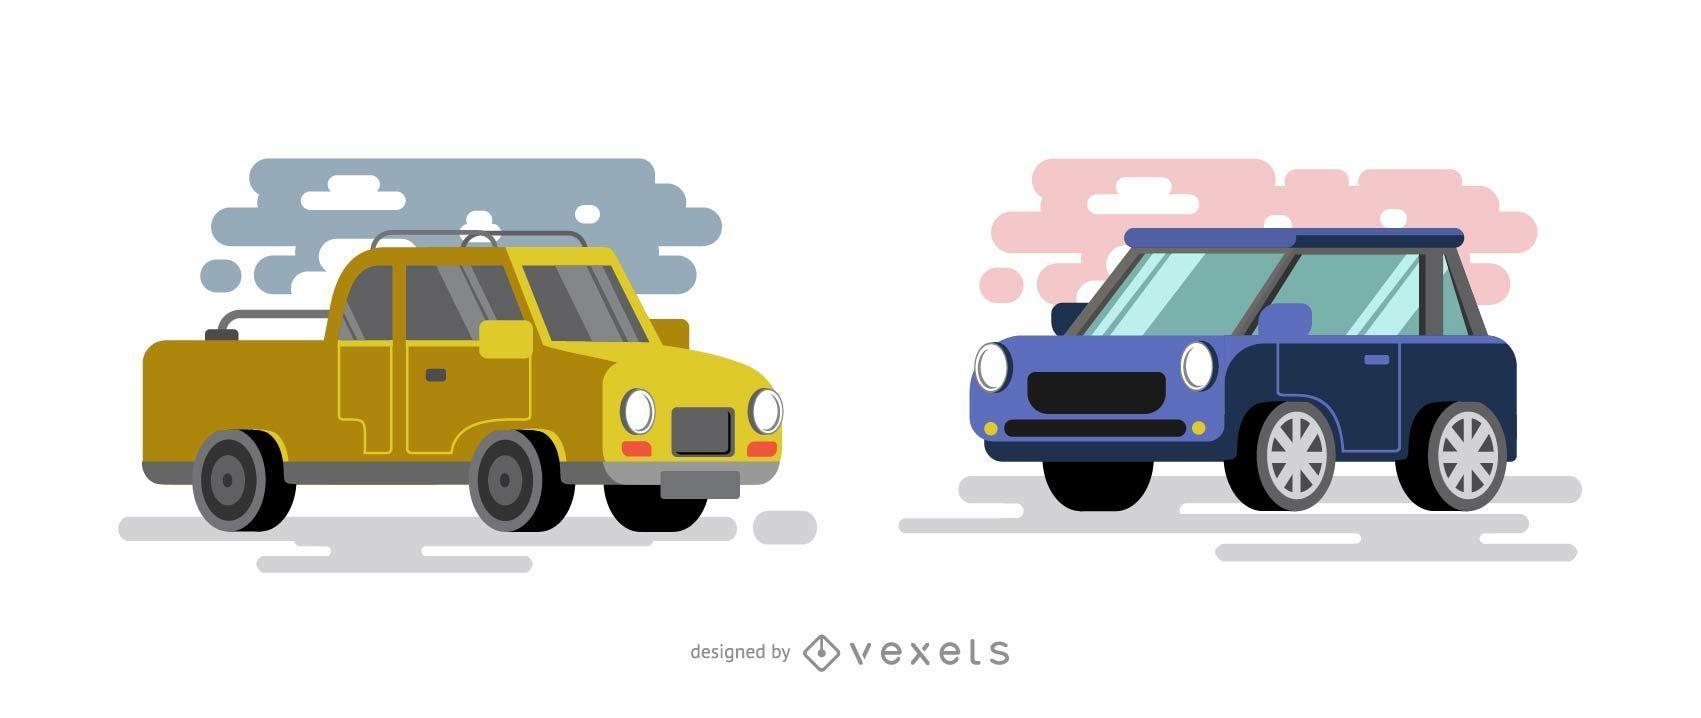 Ilustración de coches planos amarillos y azules